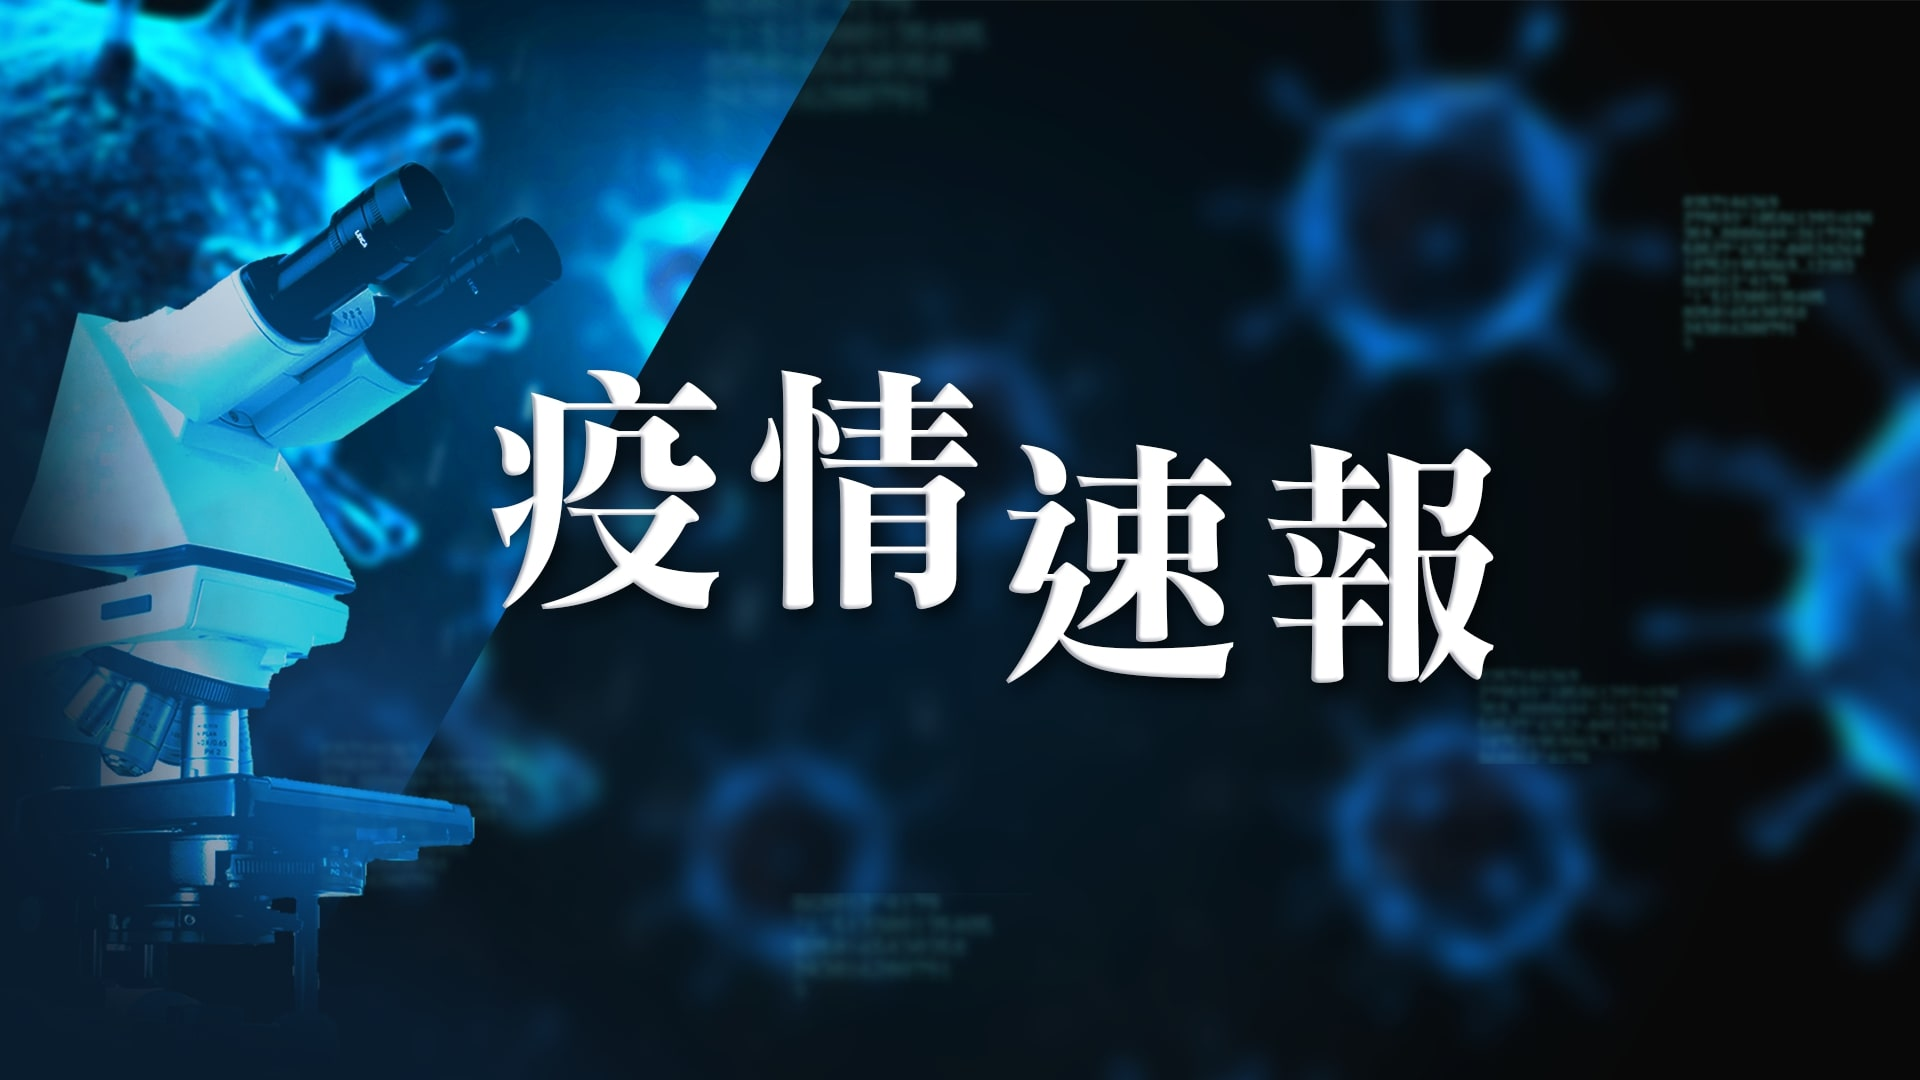 【3月29日疫情速報】(13:30)